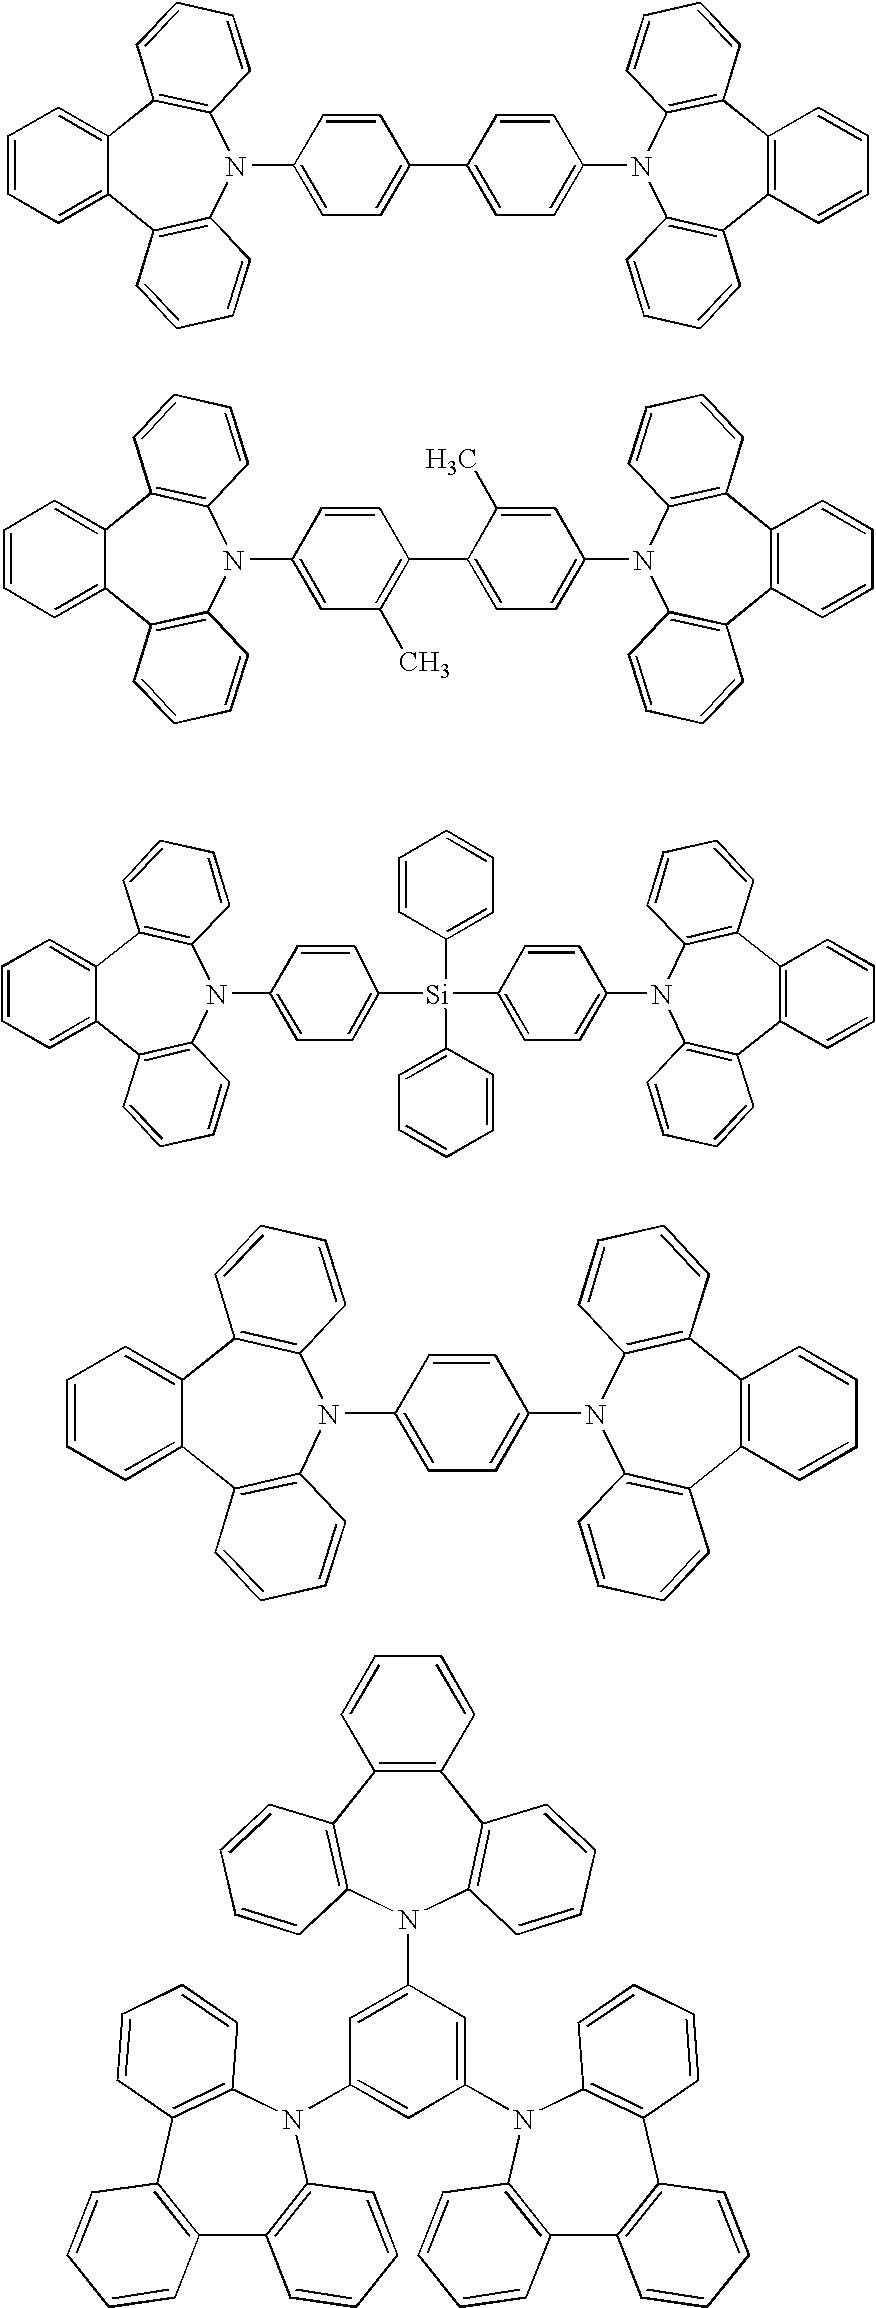 Figure US20060134464A1-20060622-C00016